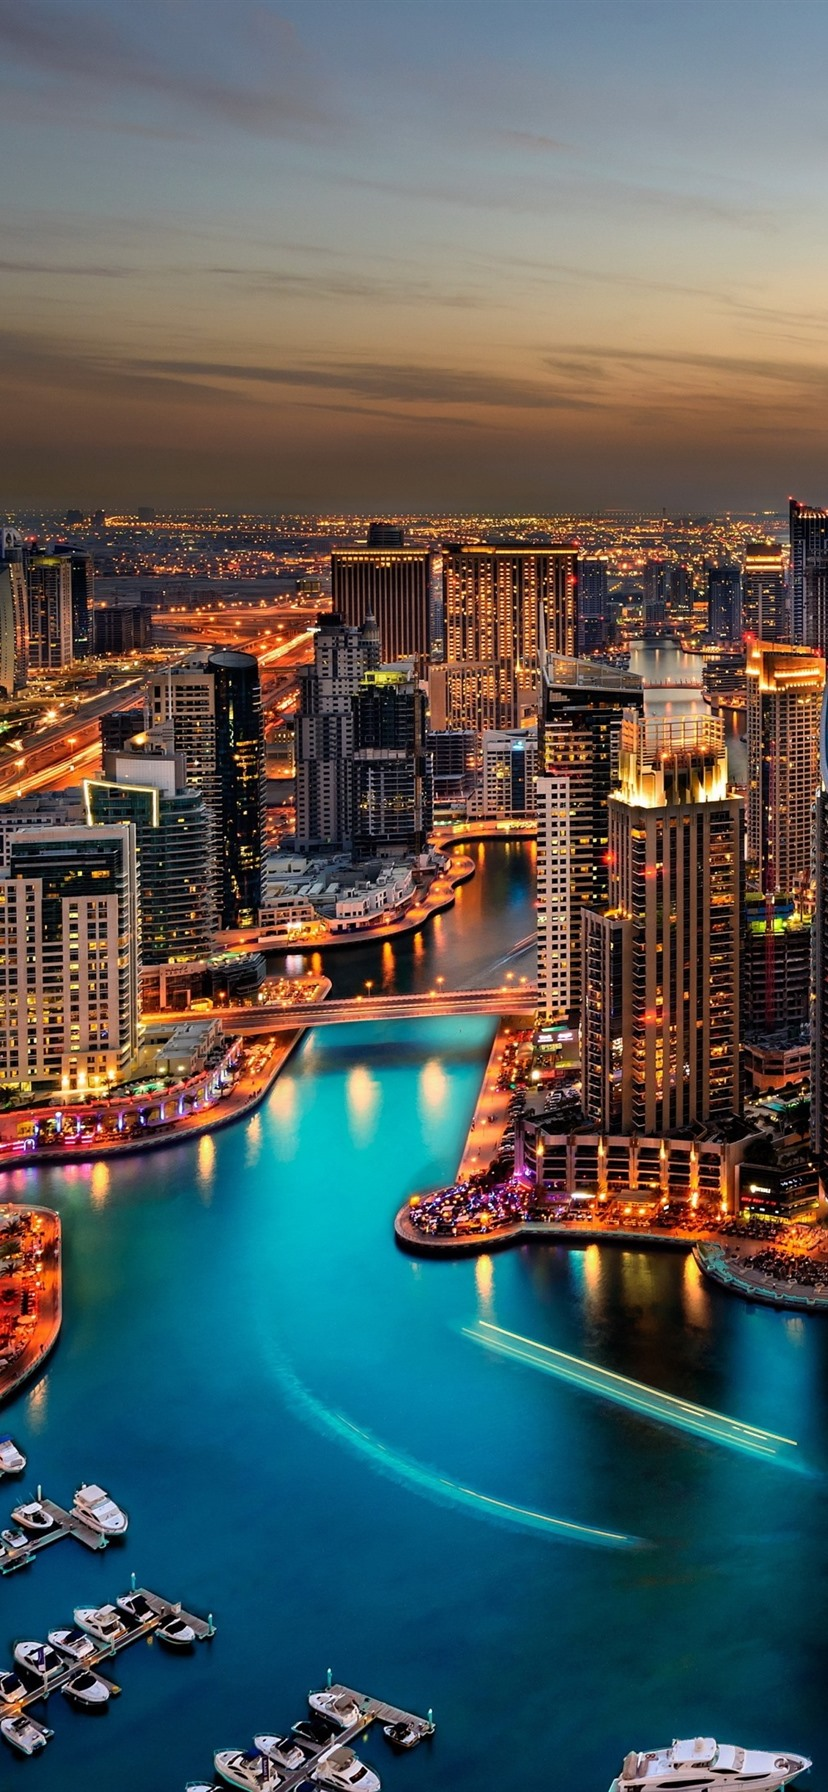 Wallpaper Dubai Cityscape At Night Skyscrapers Lights